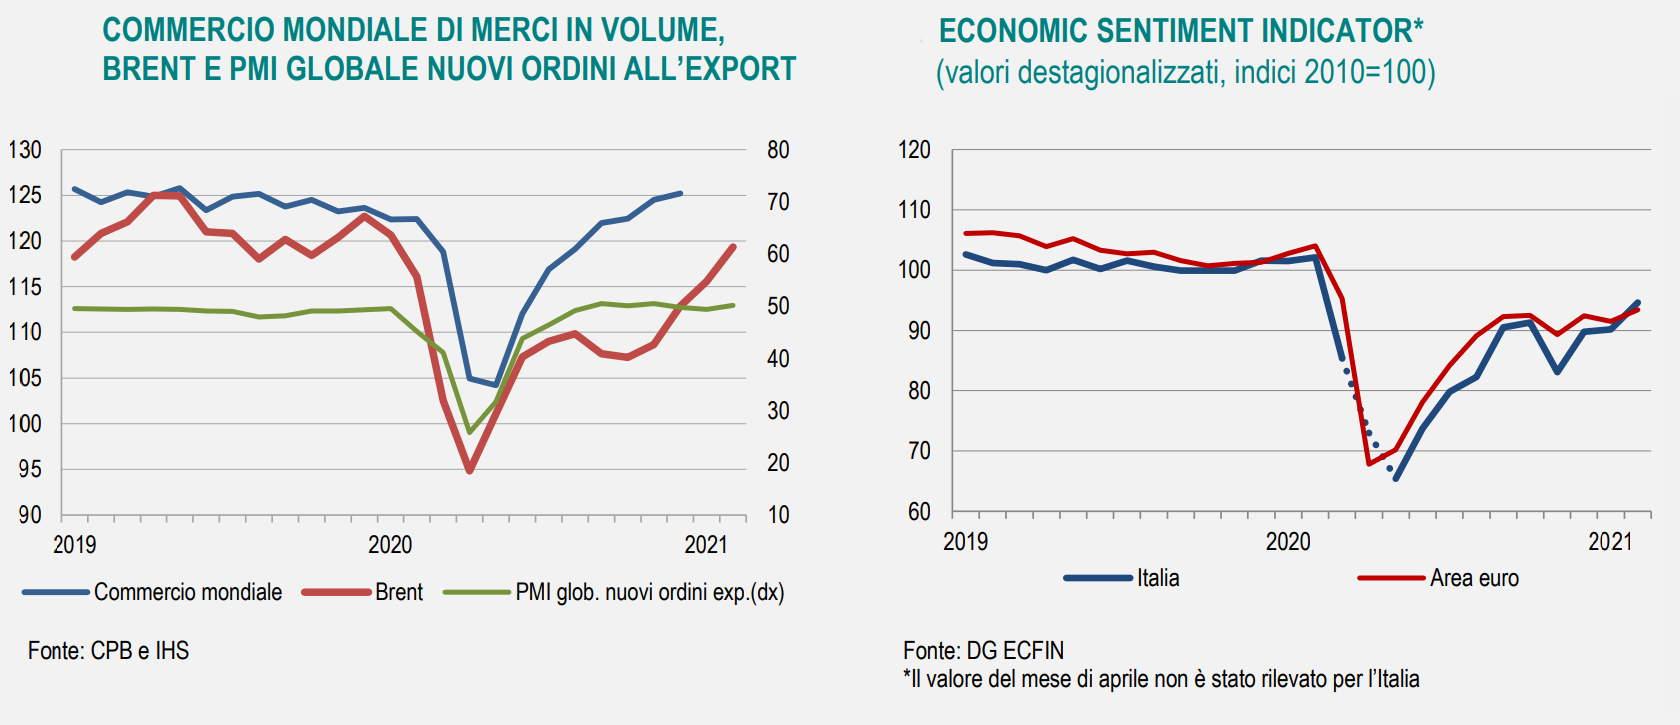 Istat, l'andamento dell'economia in Italia a febbraio 2021